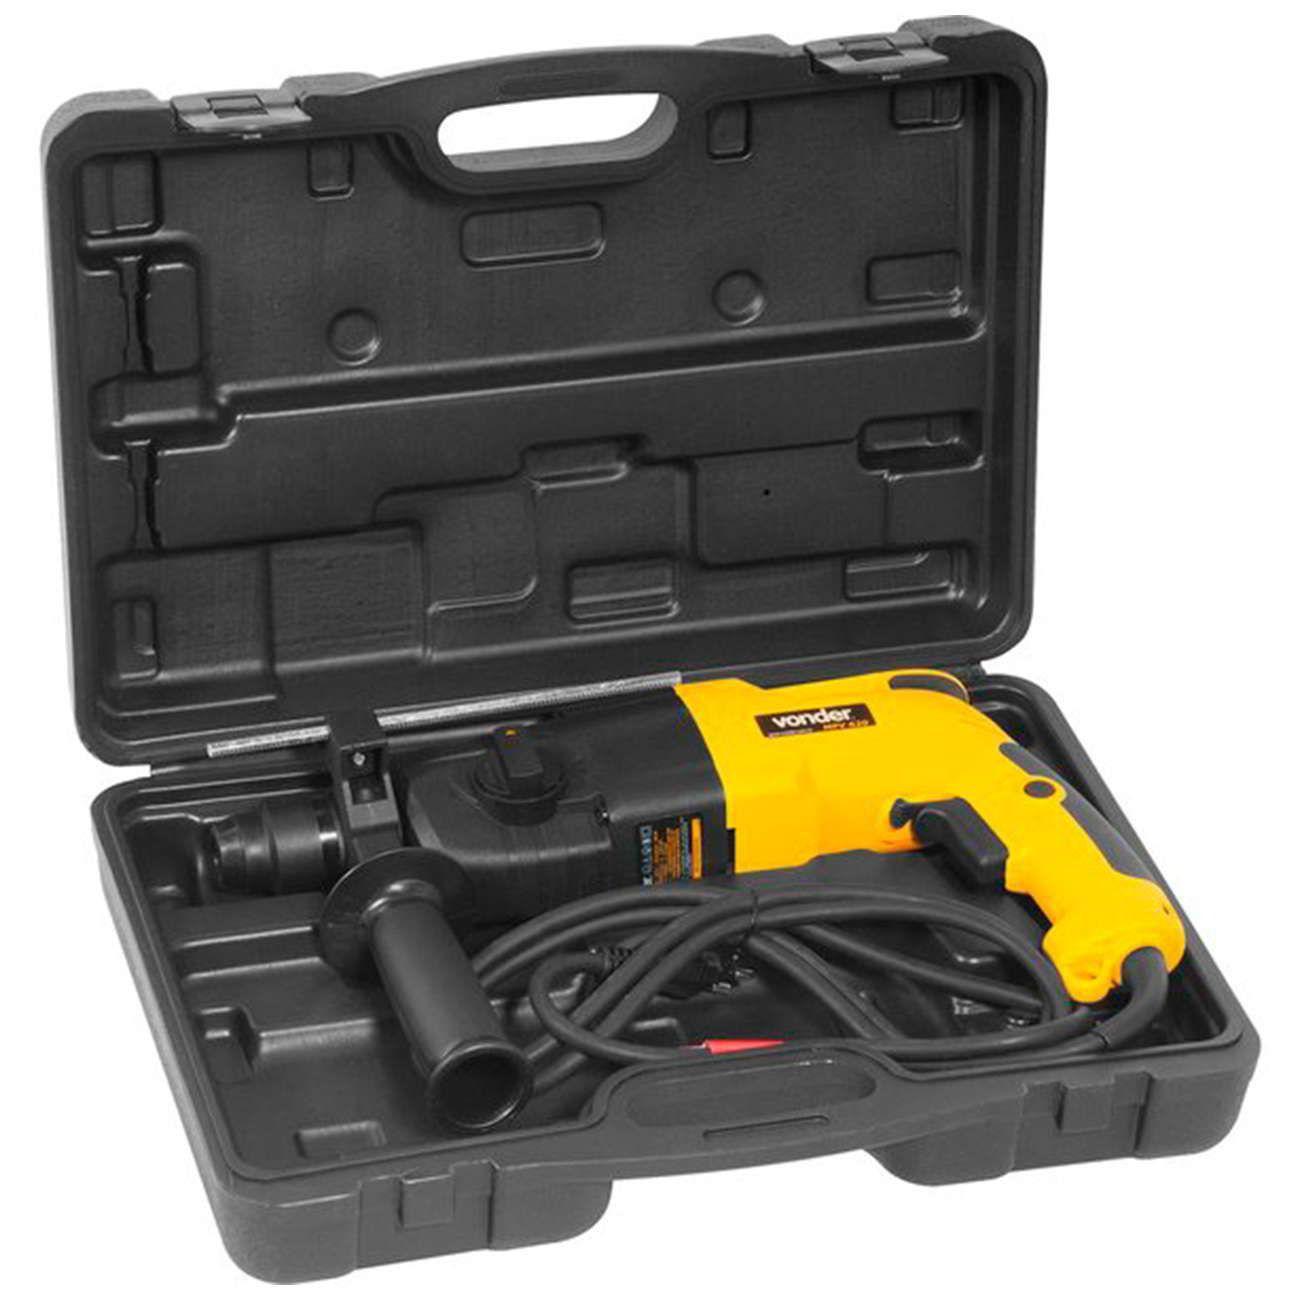 Martelete Perfurador e Rompedor 620 watts velocidade variável e reversível sds-plus - MPV620 110V